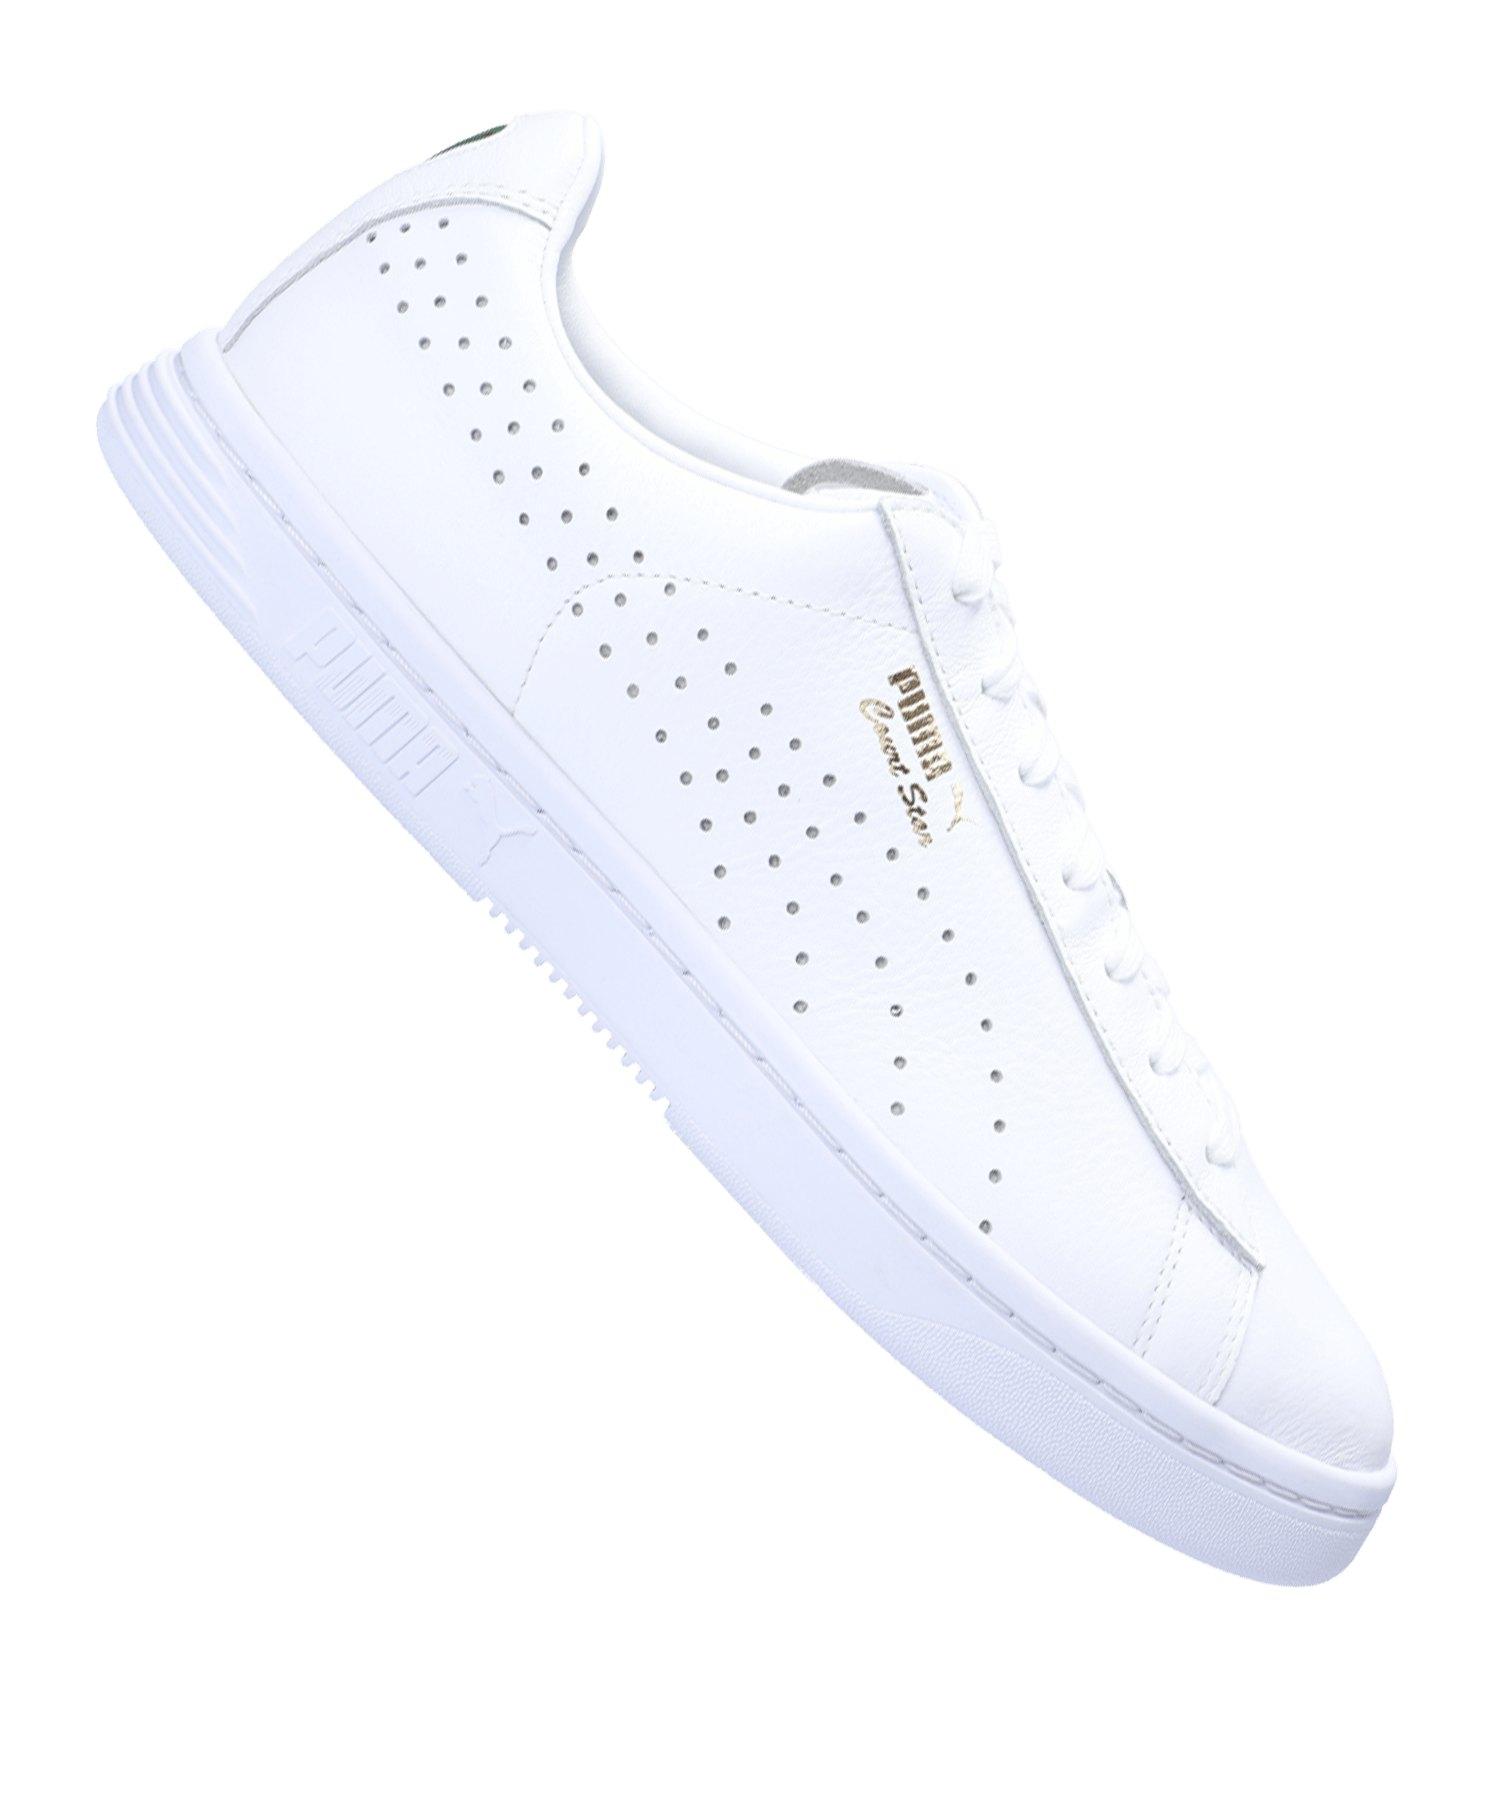 PUMA Court Star NM Sneaker Weiss F001 - weiss